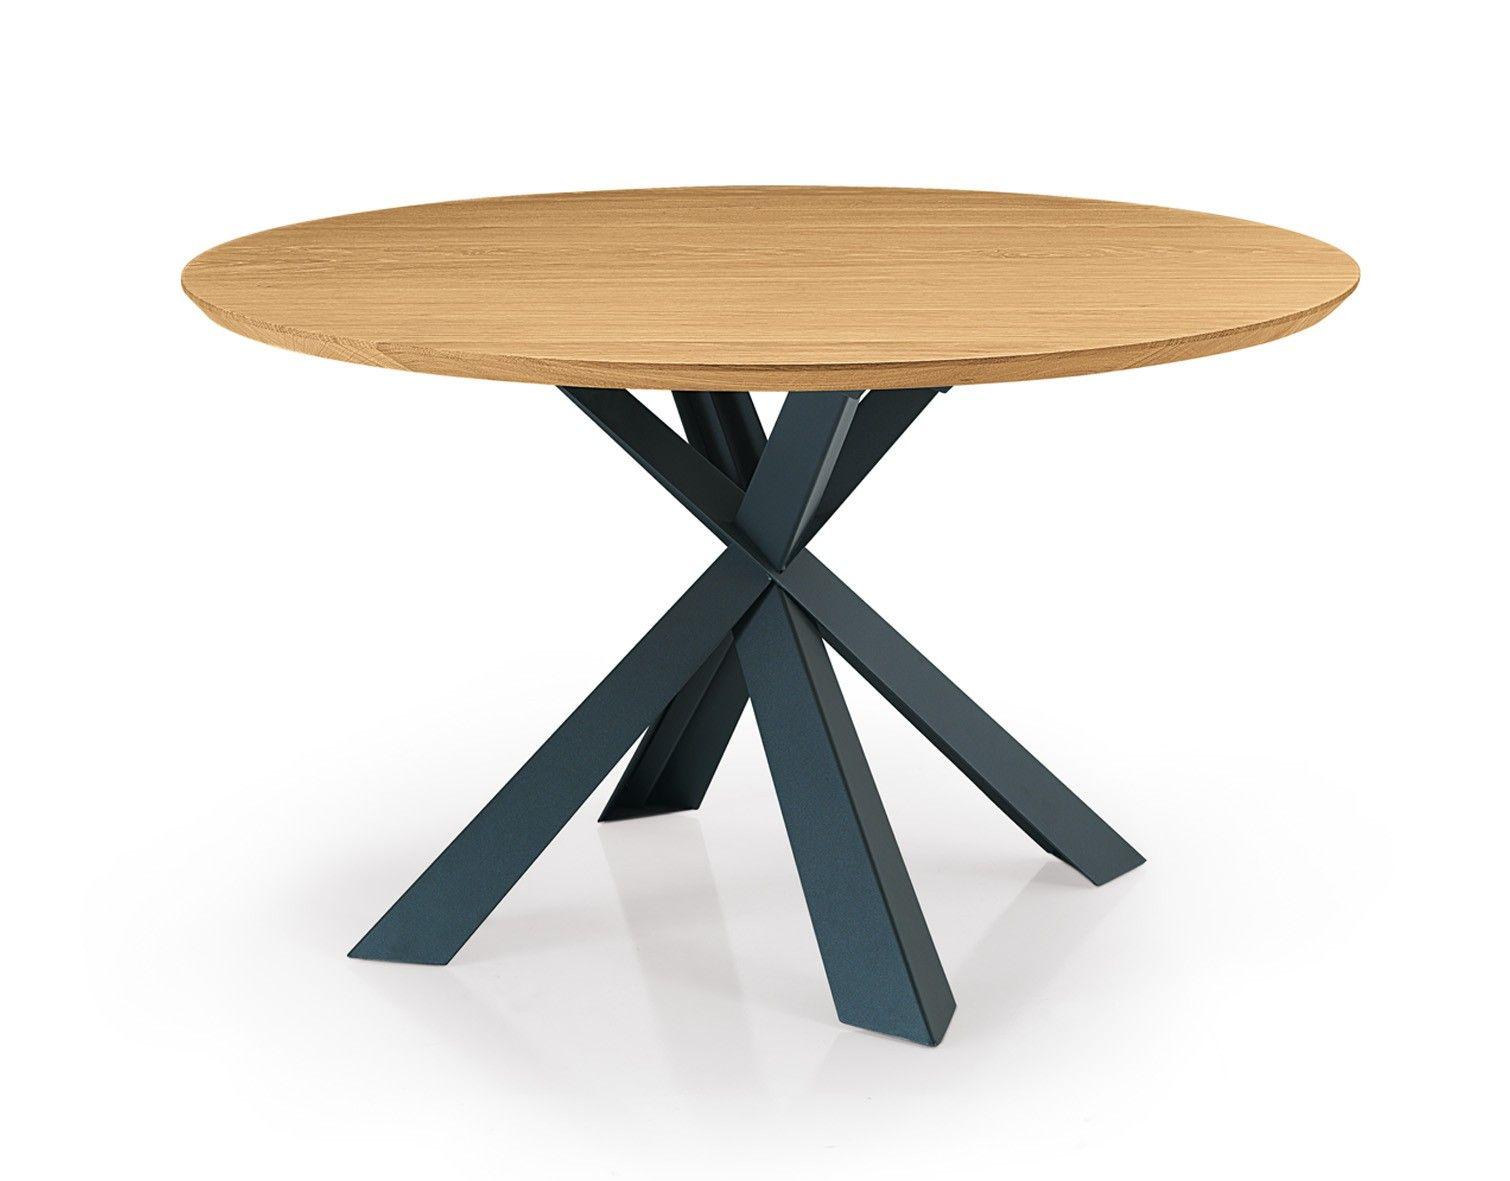 Montana Tisch Rund Runder Esstisch Eiche Esstisch Modern Und